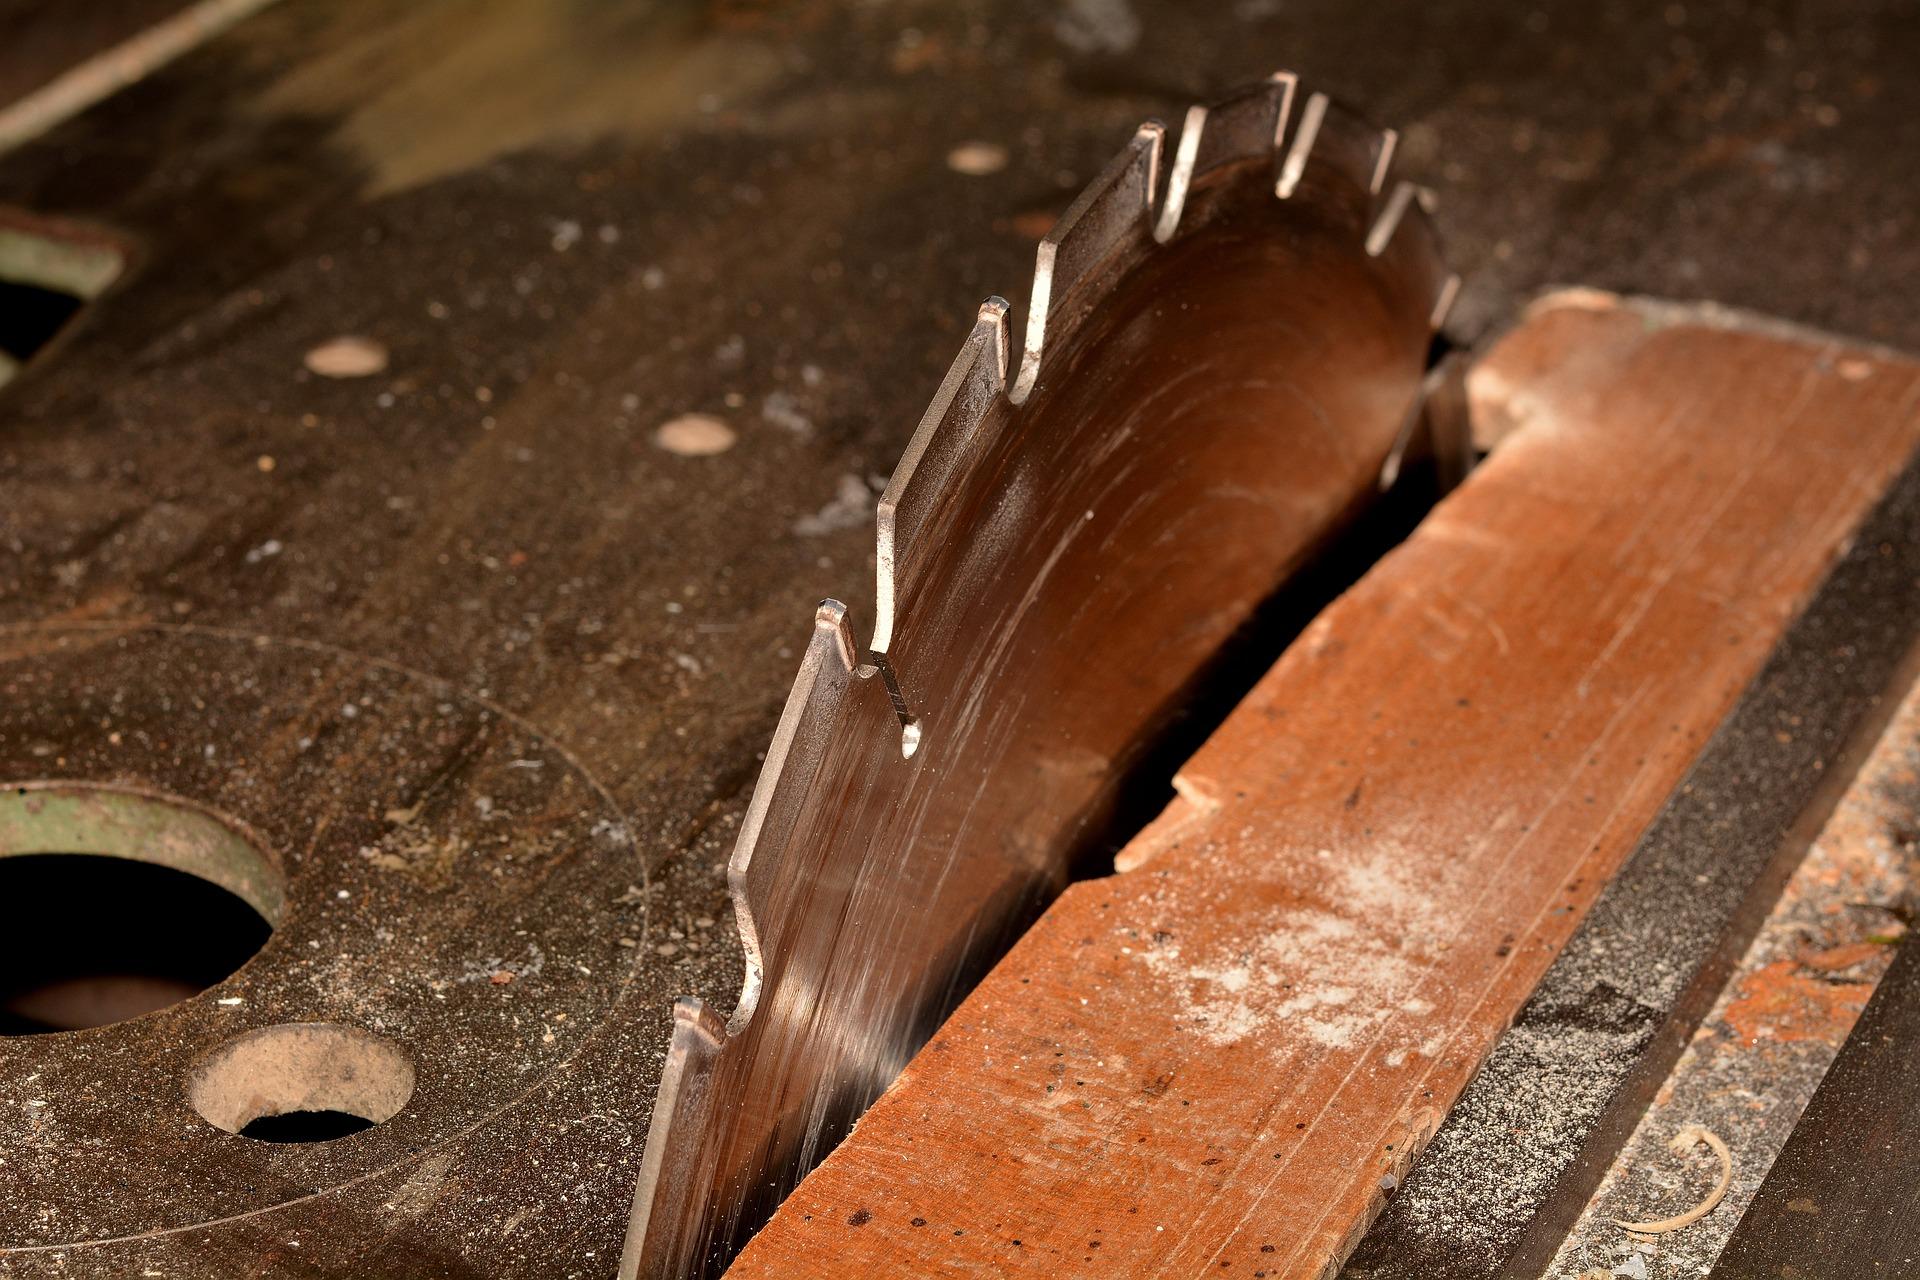 foto do disco de serra de uma serra circular de bancada em funcionamento, cortando parte de uma tábua posicionada.